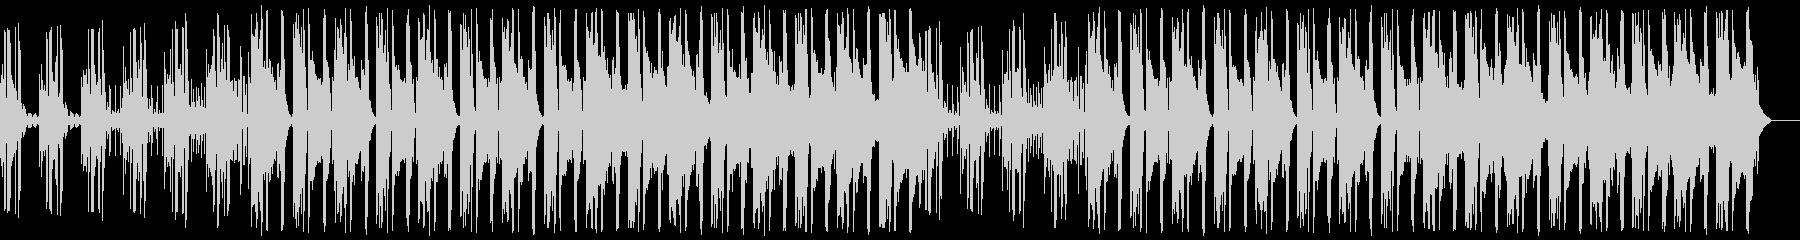 CM映像制作向けフューチャーベース の未再生の波形